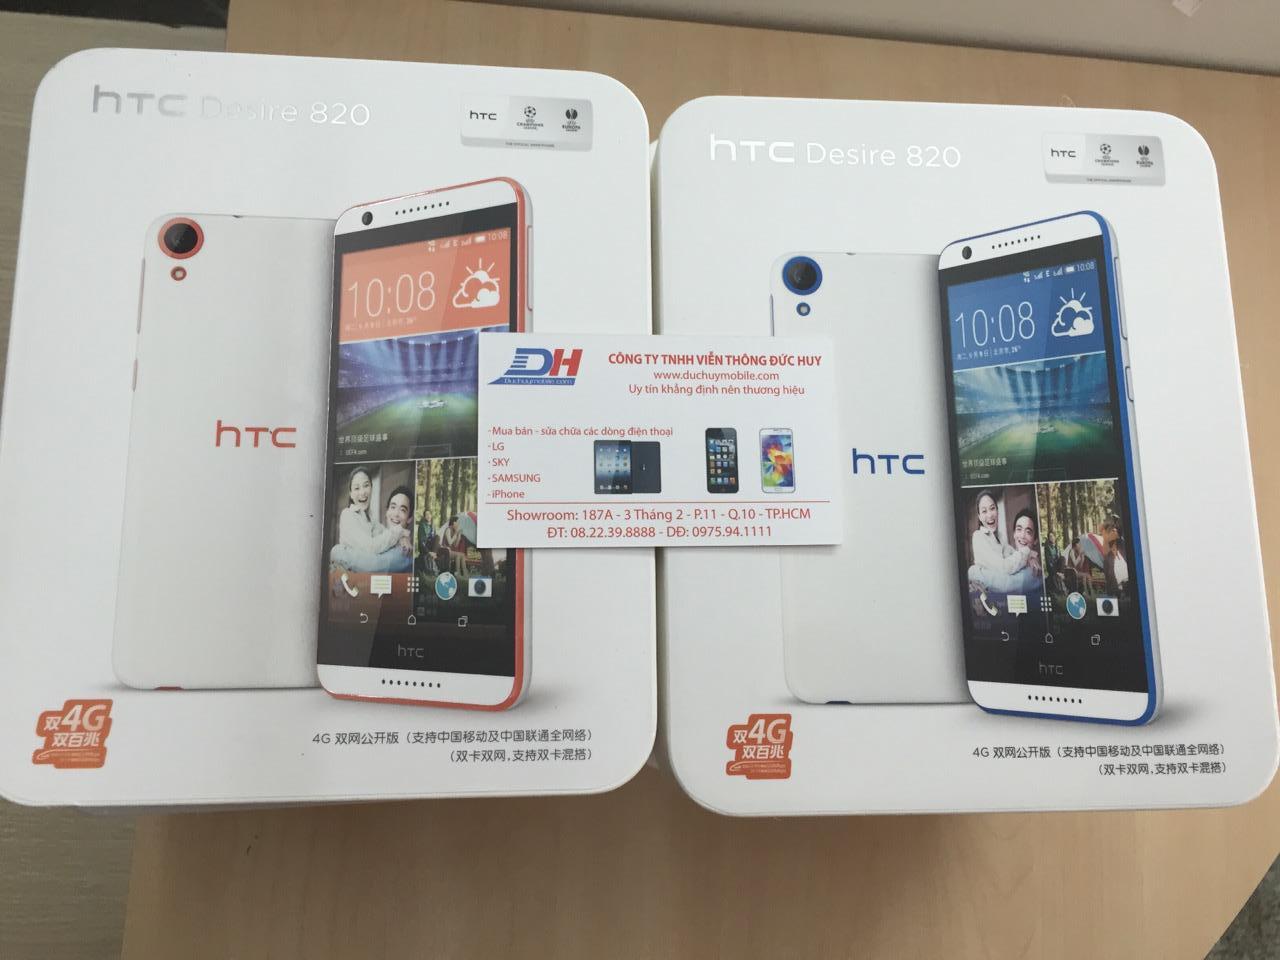 hinh-anh-HTC-Desire-820-tai-duchuymobile